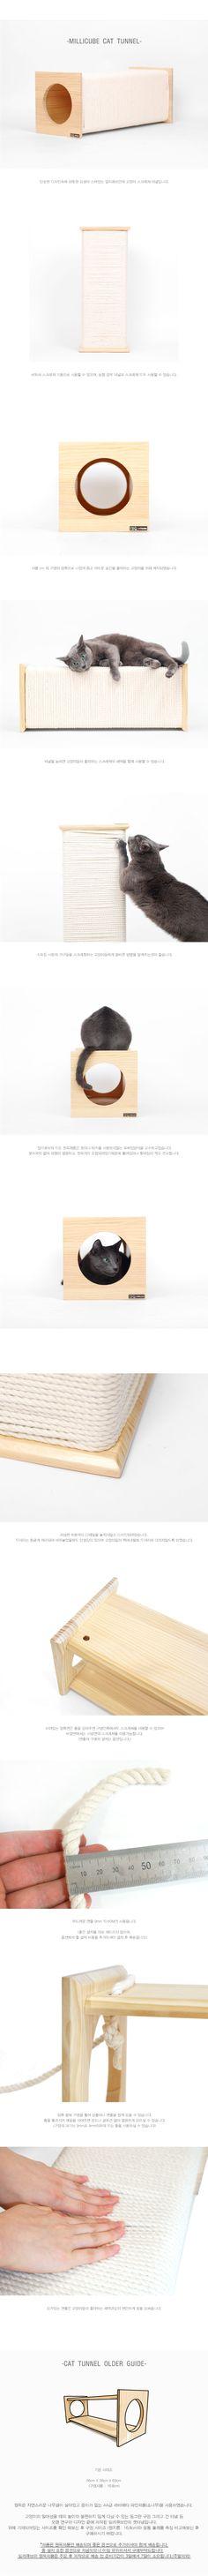 반려동물 원목 디자인가구 밀리큐브입니다.[원목캣타워/강아지집/고양이식탁/강아지식탁등]